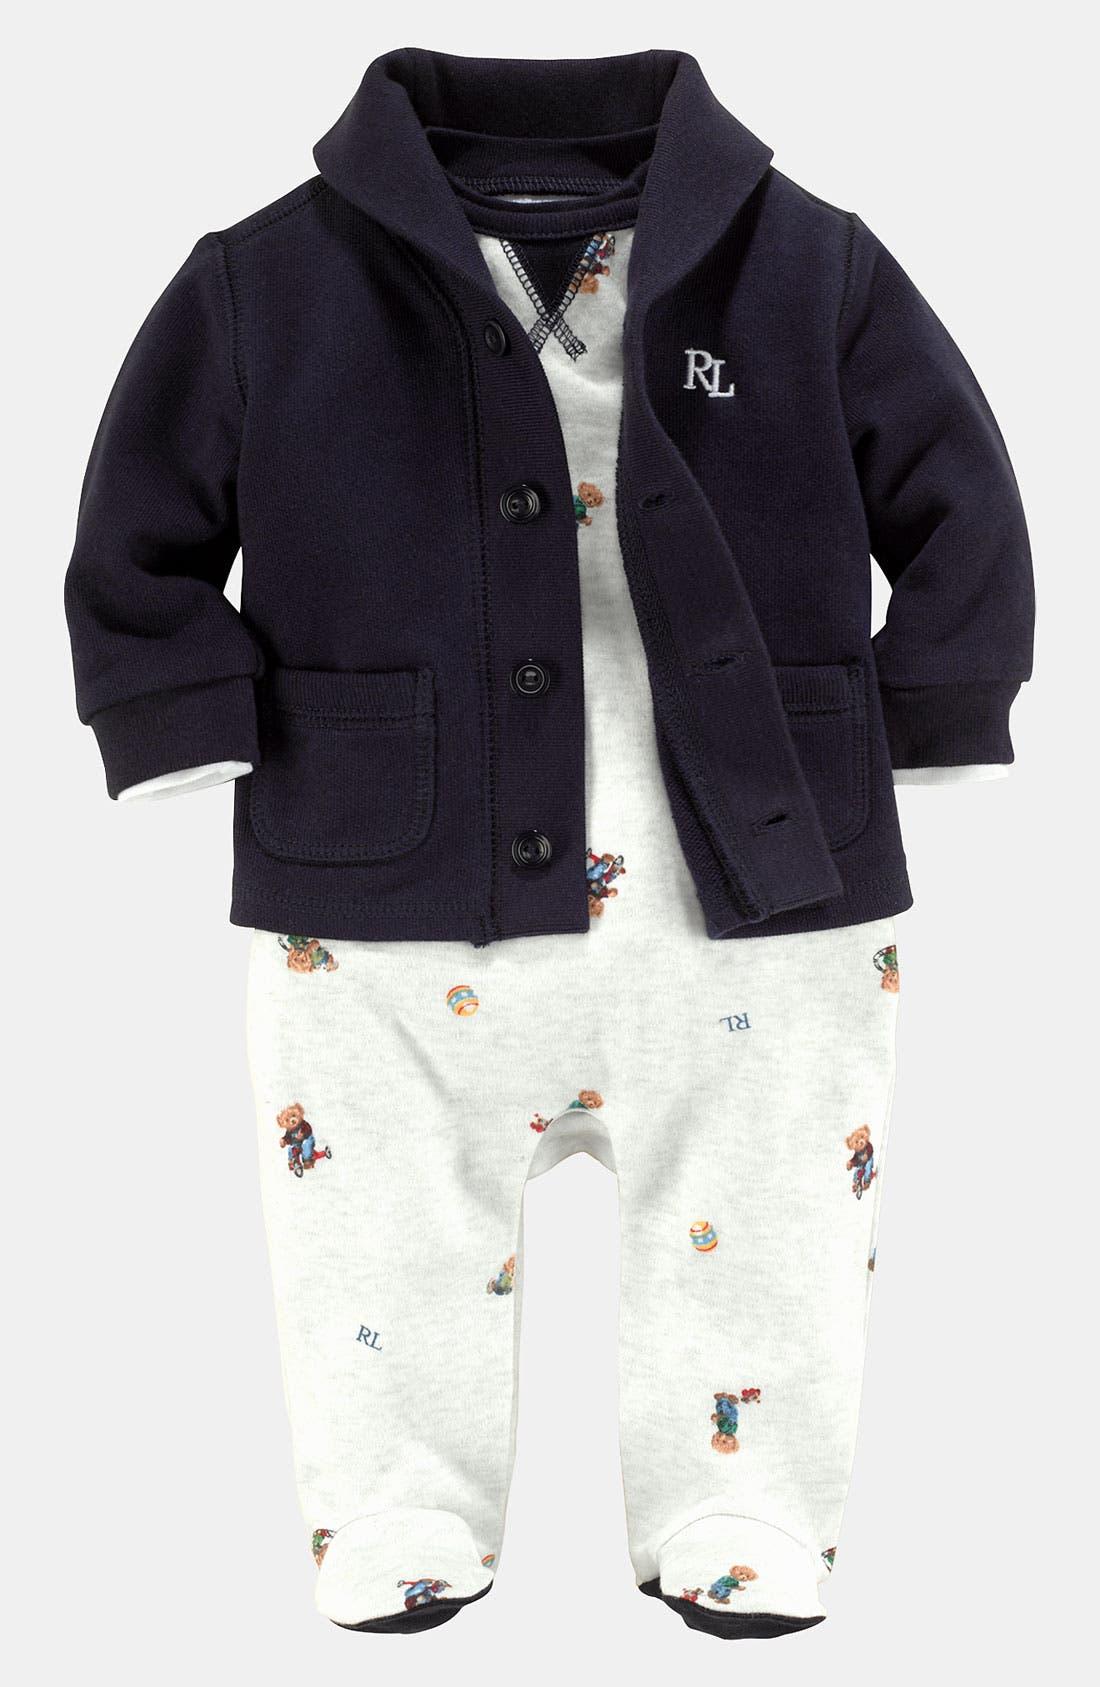 Main Image - Ralph Lauren Bodysuit, Overalls & Cardigan (Infant)